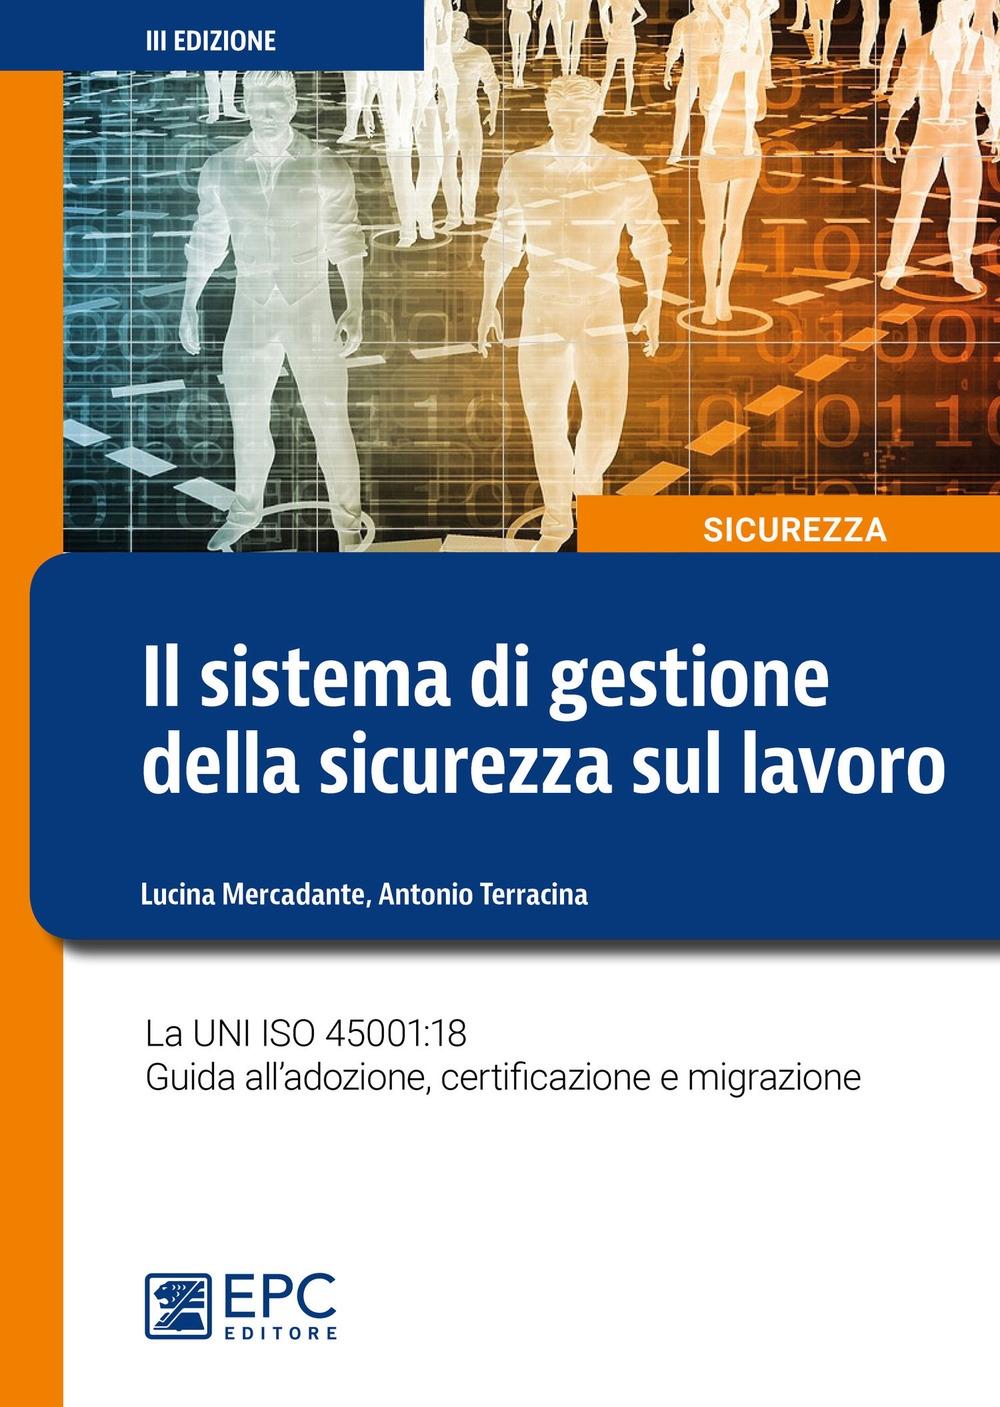 Il sistema di gestione della sicurezza sul lavoro. La UNI ISO 45001:18 Guida all'adozione, certificazione e migrazione